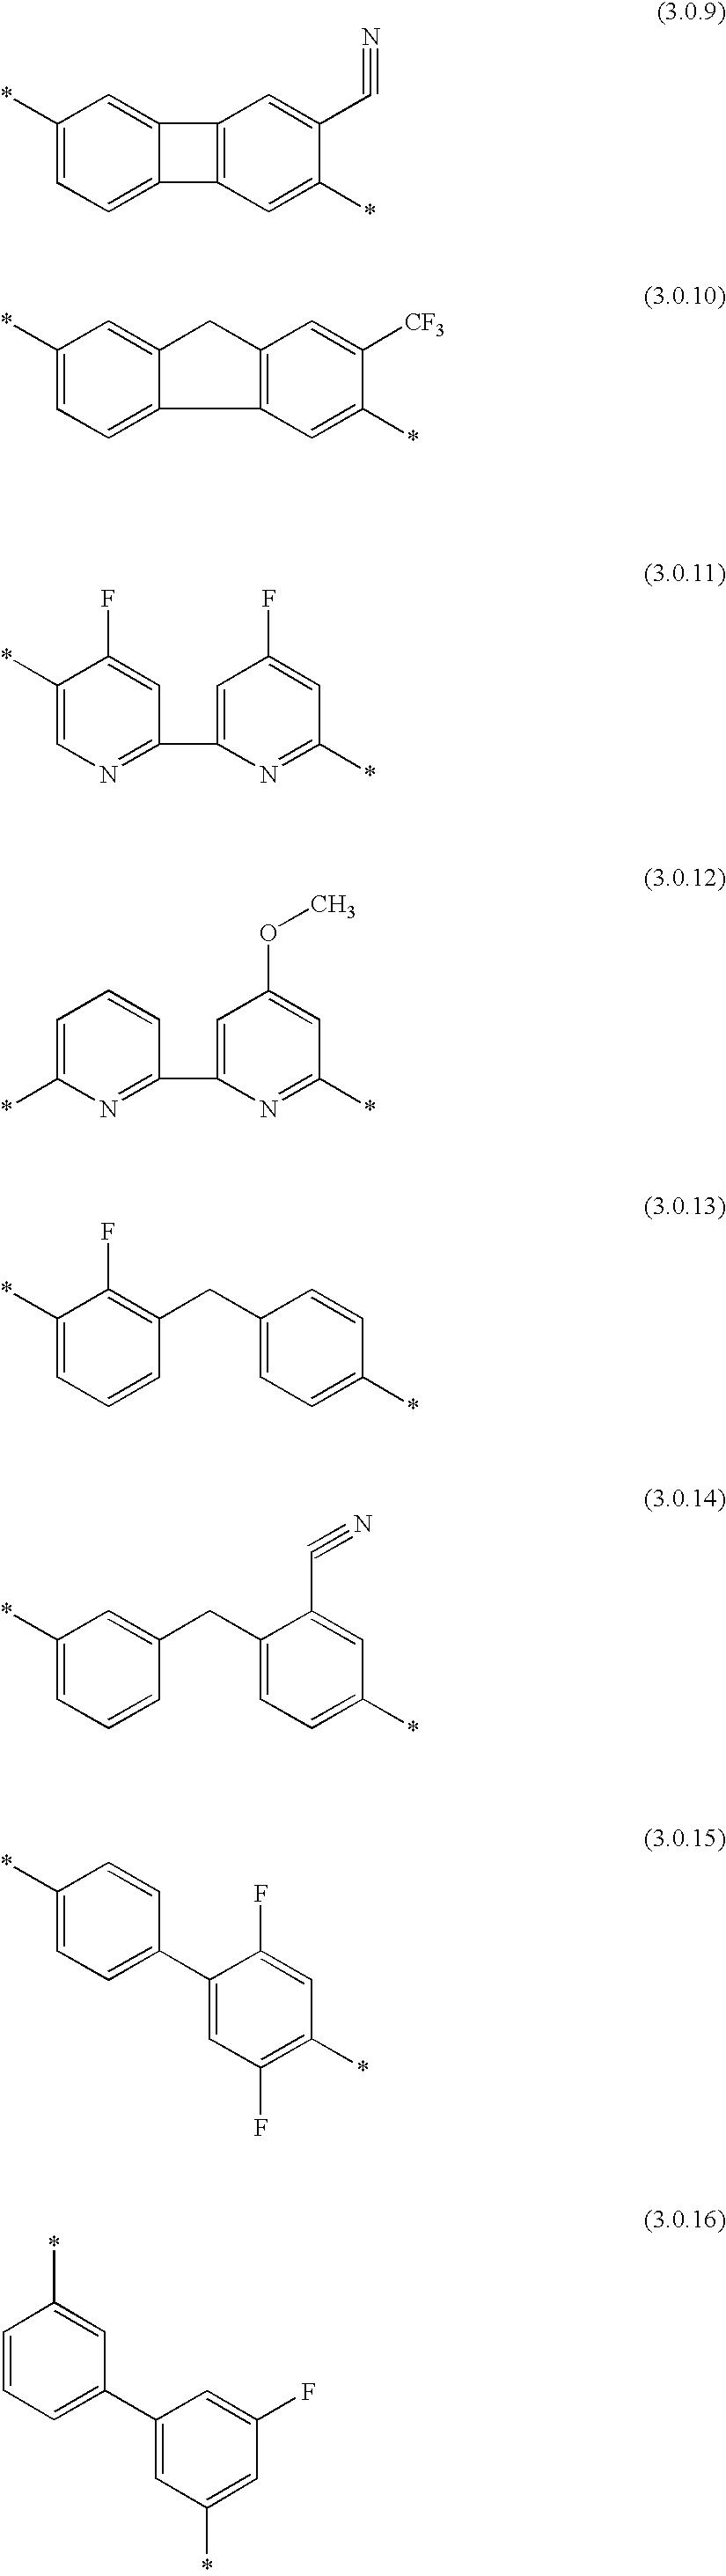 Figure US20030186974A1-20031002-C00125